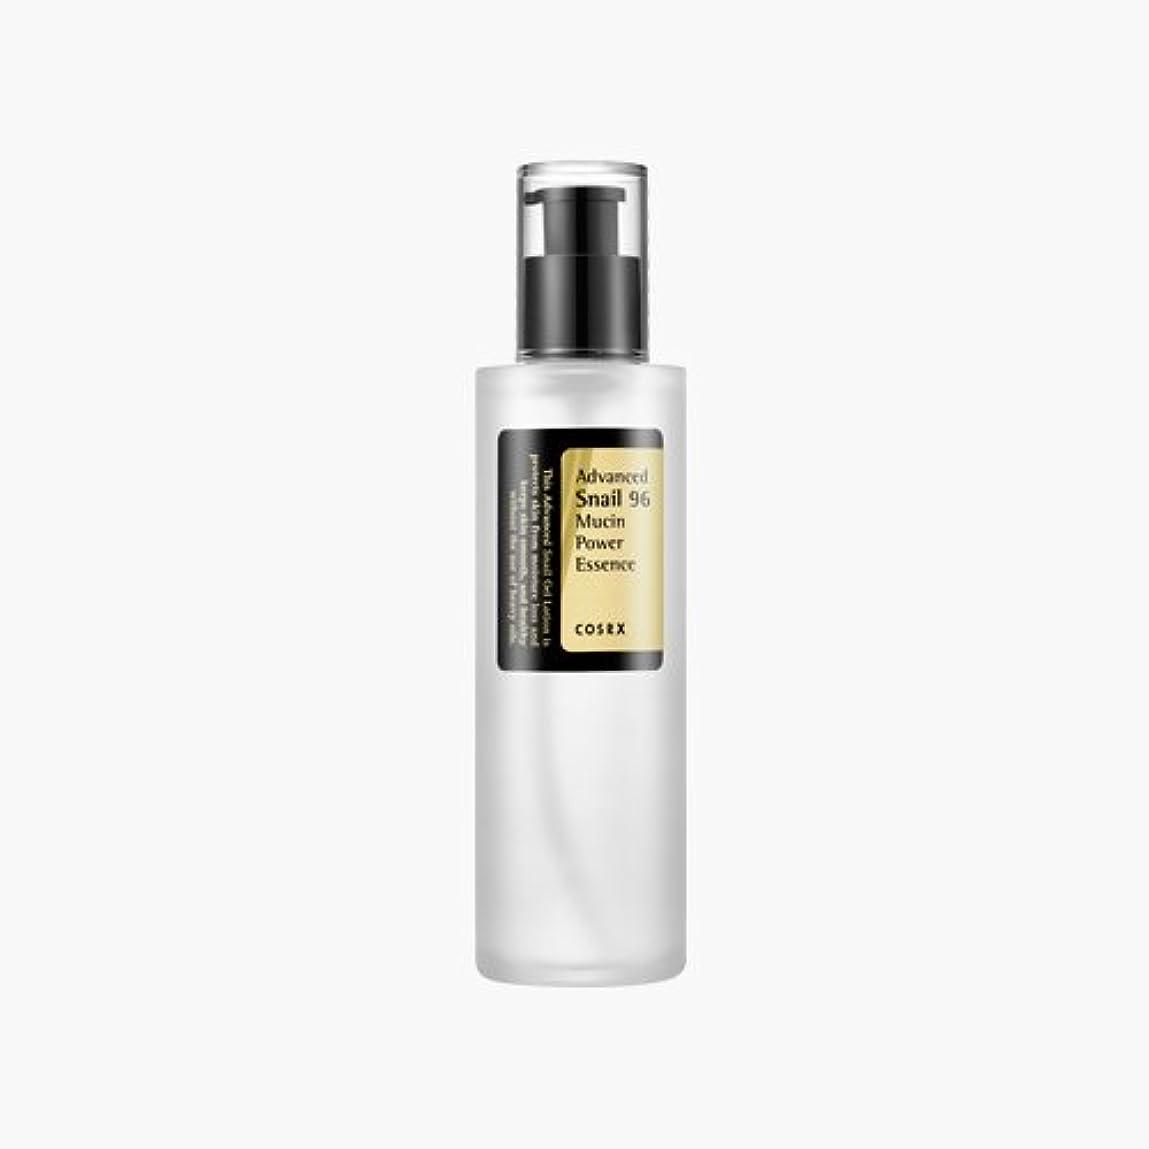 非難するバレーボール自治的[Cosrx] Advanced Snail 96 Mucin Power Essence 100ml/K-Beauty/Korea Cosmetics